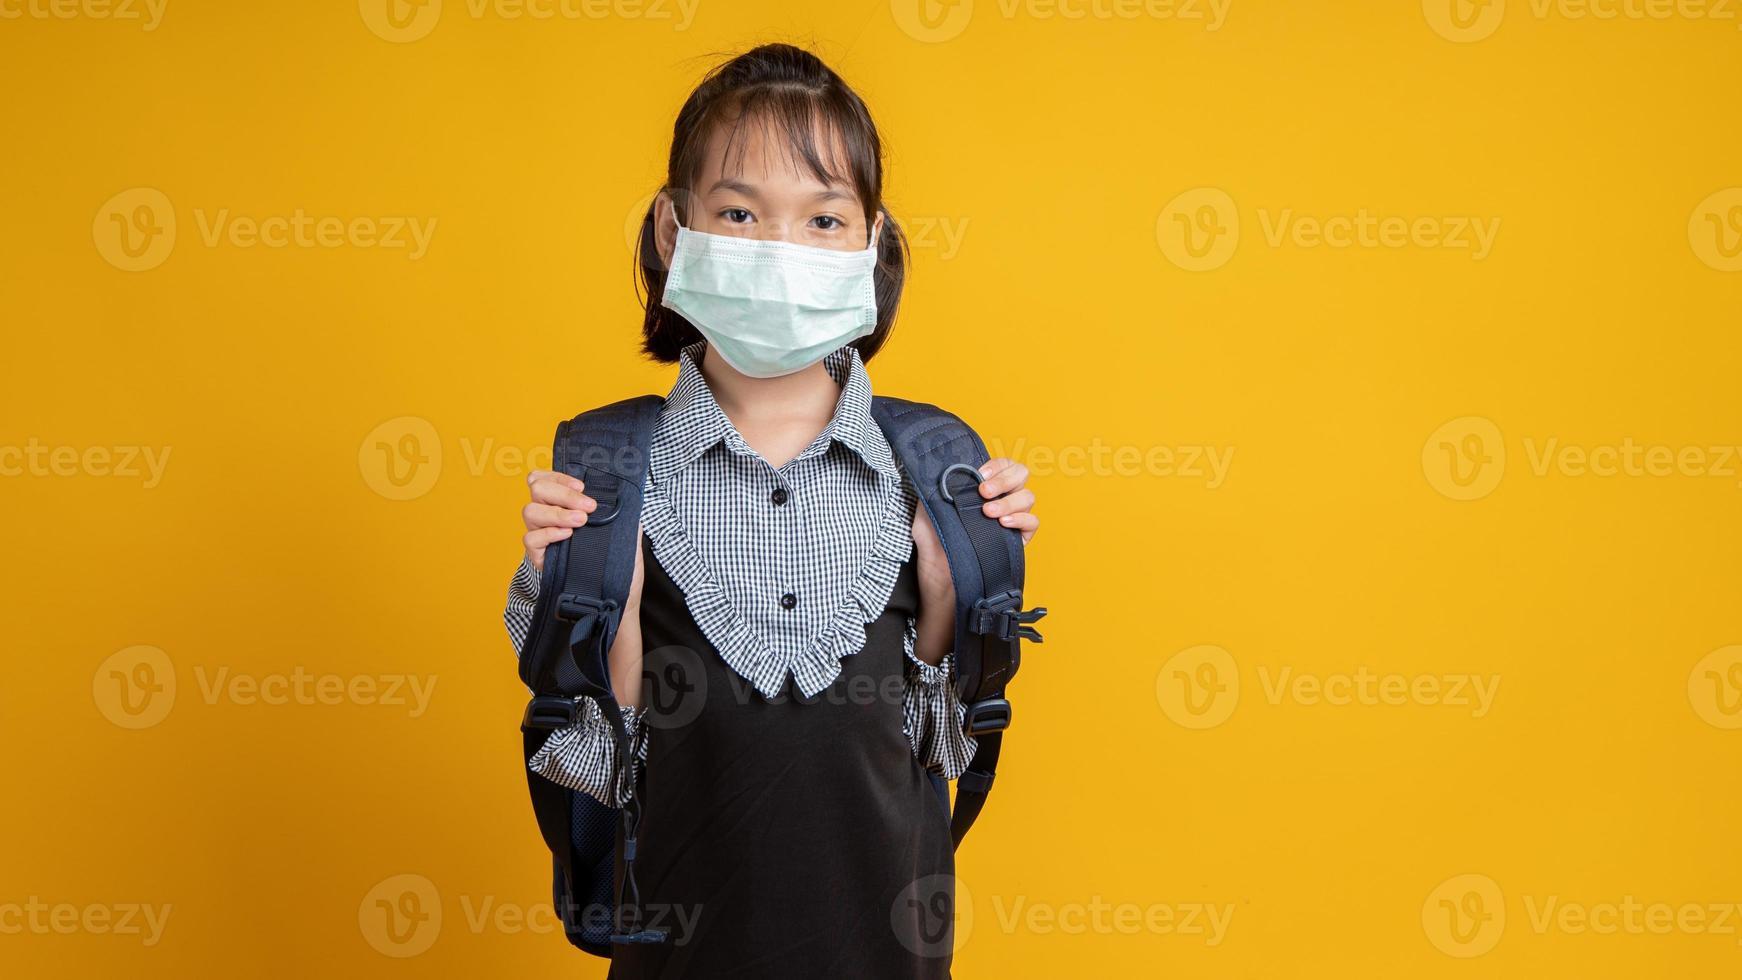 menina asiática usando máscara facial com mochila olhando para a câmera com fundo amarelo foto